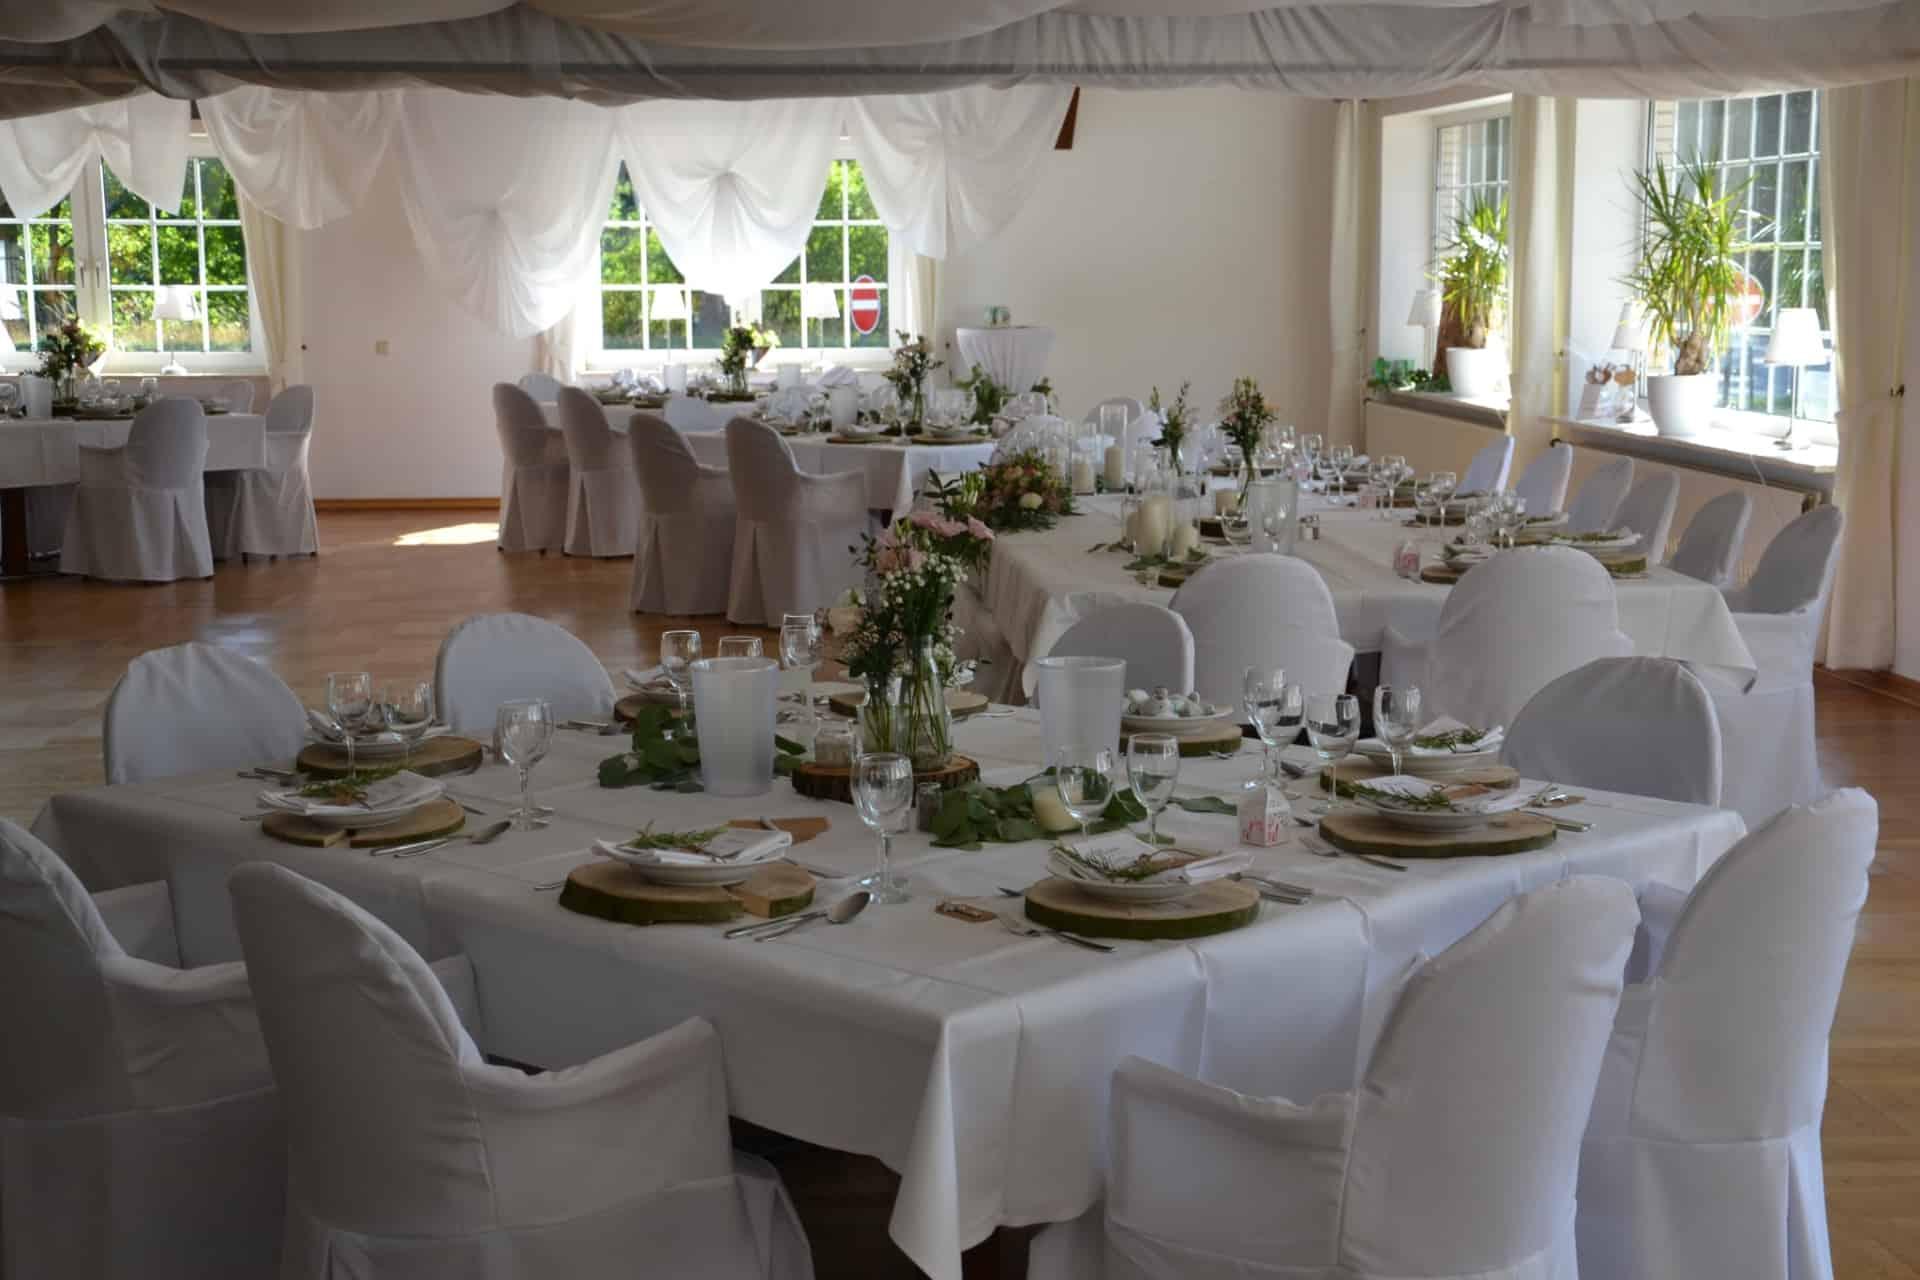 Festlich geschmückter Sall mit gedeckten Tafeln zur Hochzeit im Hof Barrl, Schneverdingen